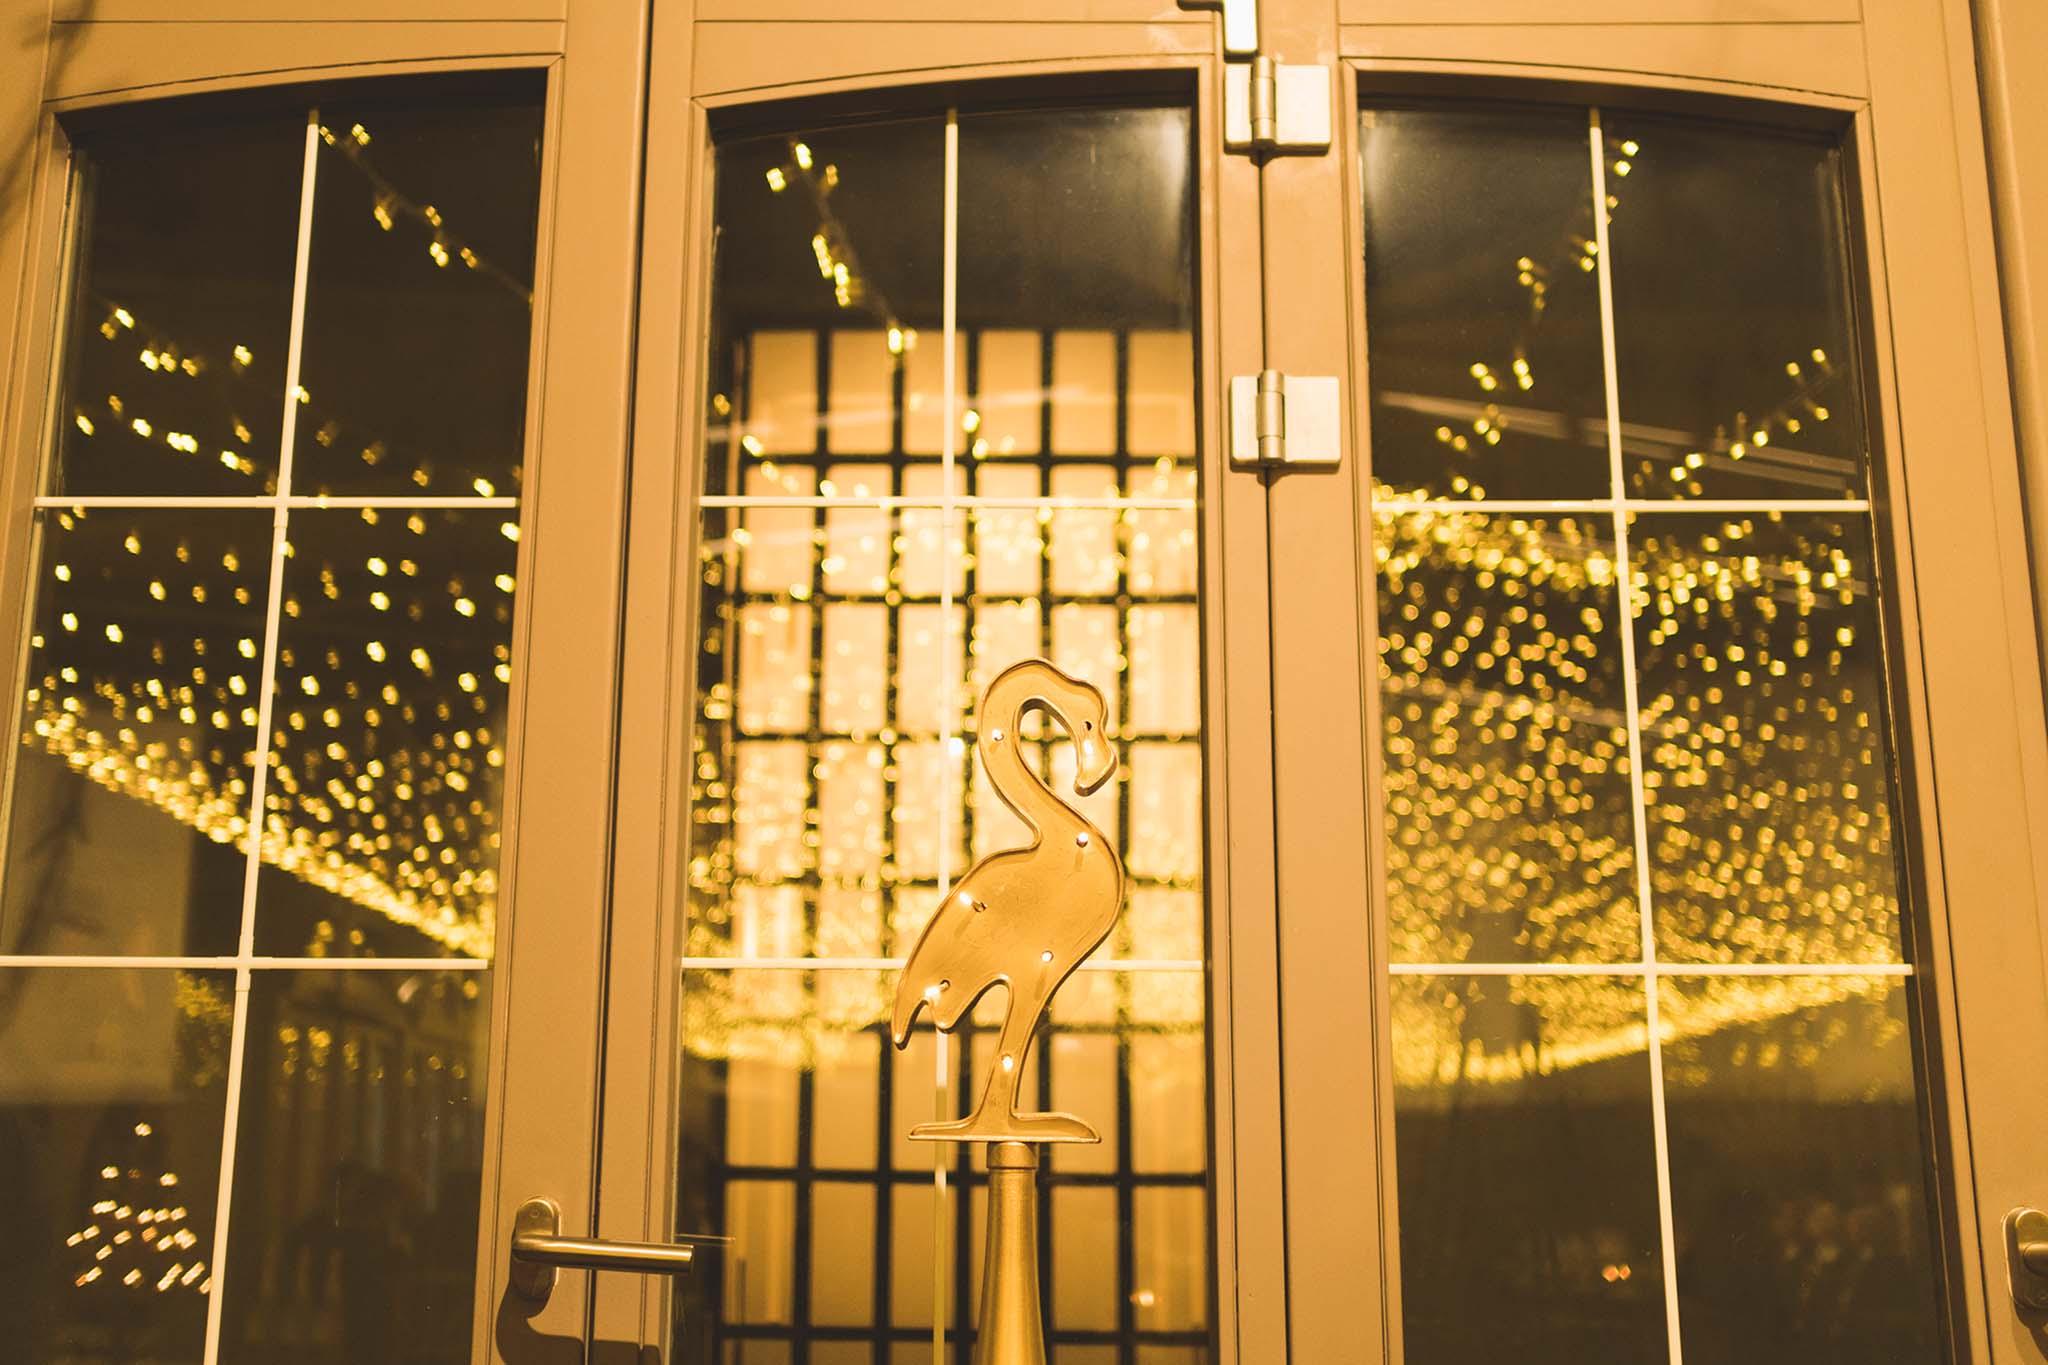 Un flamenco iluminado con bombillas, que formaba parte de la decoración del restaurante.